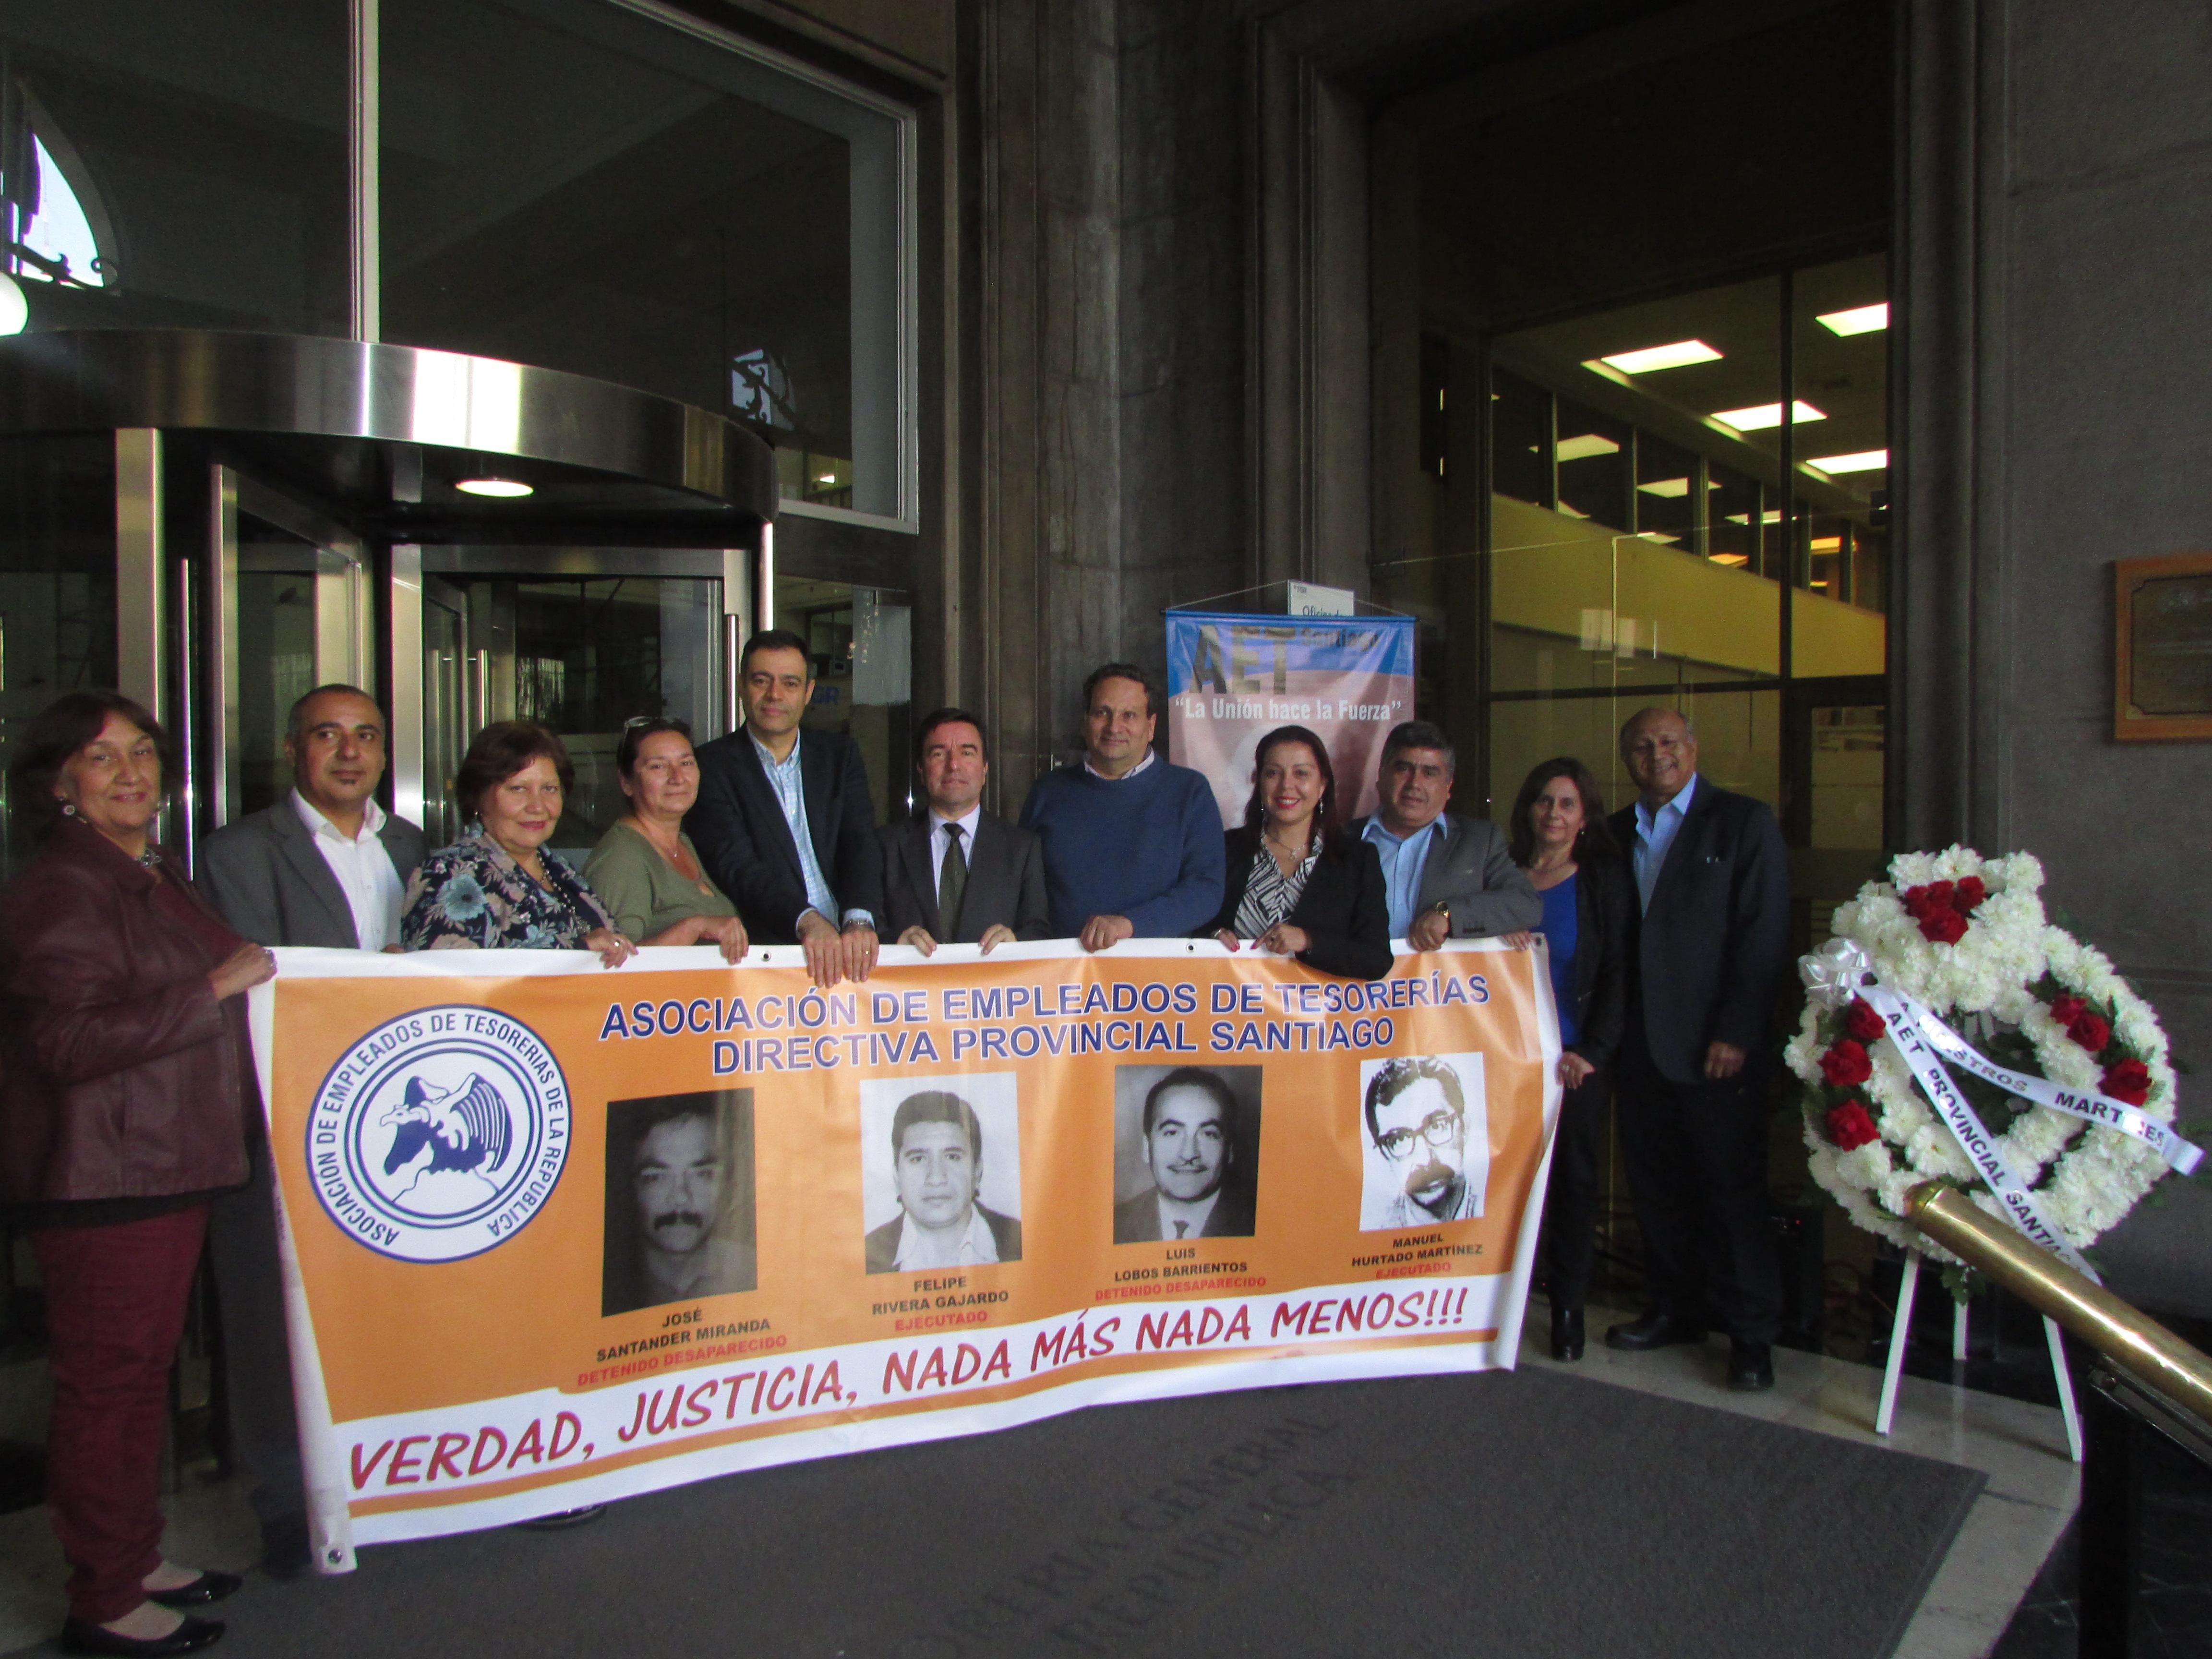 AET Nacional y AET Santiago conmemora a a los mártires de la TGR, víctimas la Dictadura de Militar - 24 Abril 2018